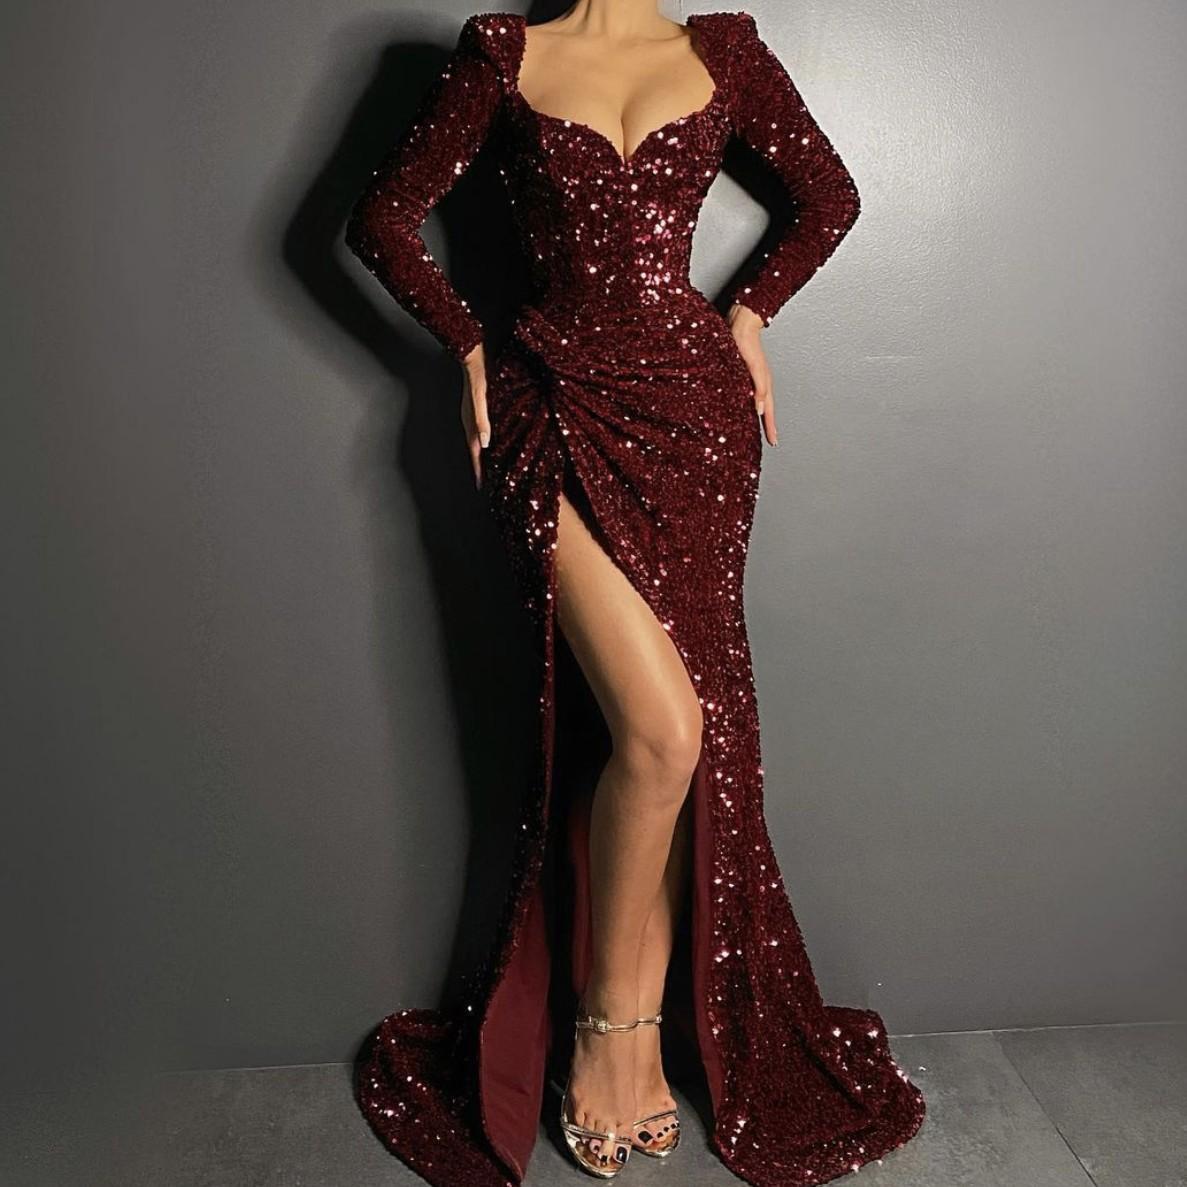 부르고 뉴 스팽글 긴 소매 인어가있는 이브닝 드레스 - 인어 높은 분할 인어 파티 드레스 파티 가운 로얄 블루